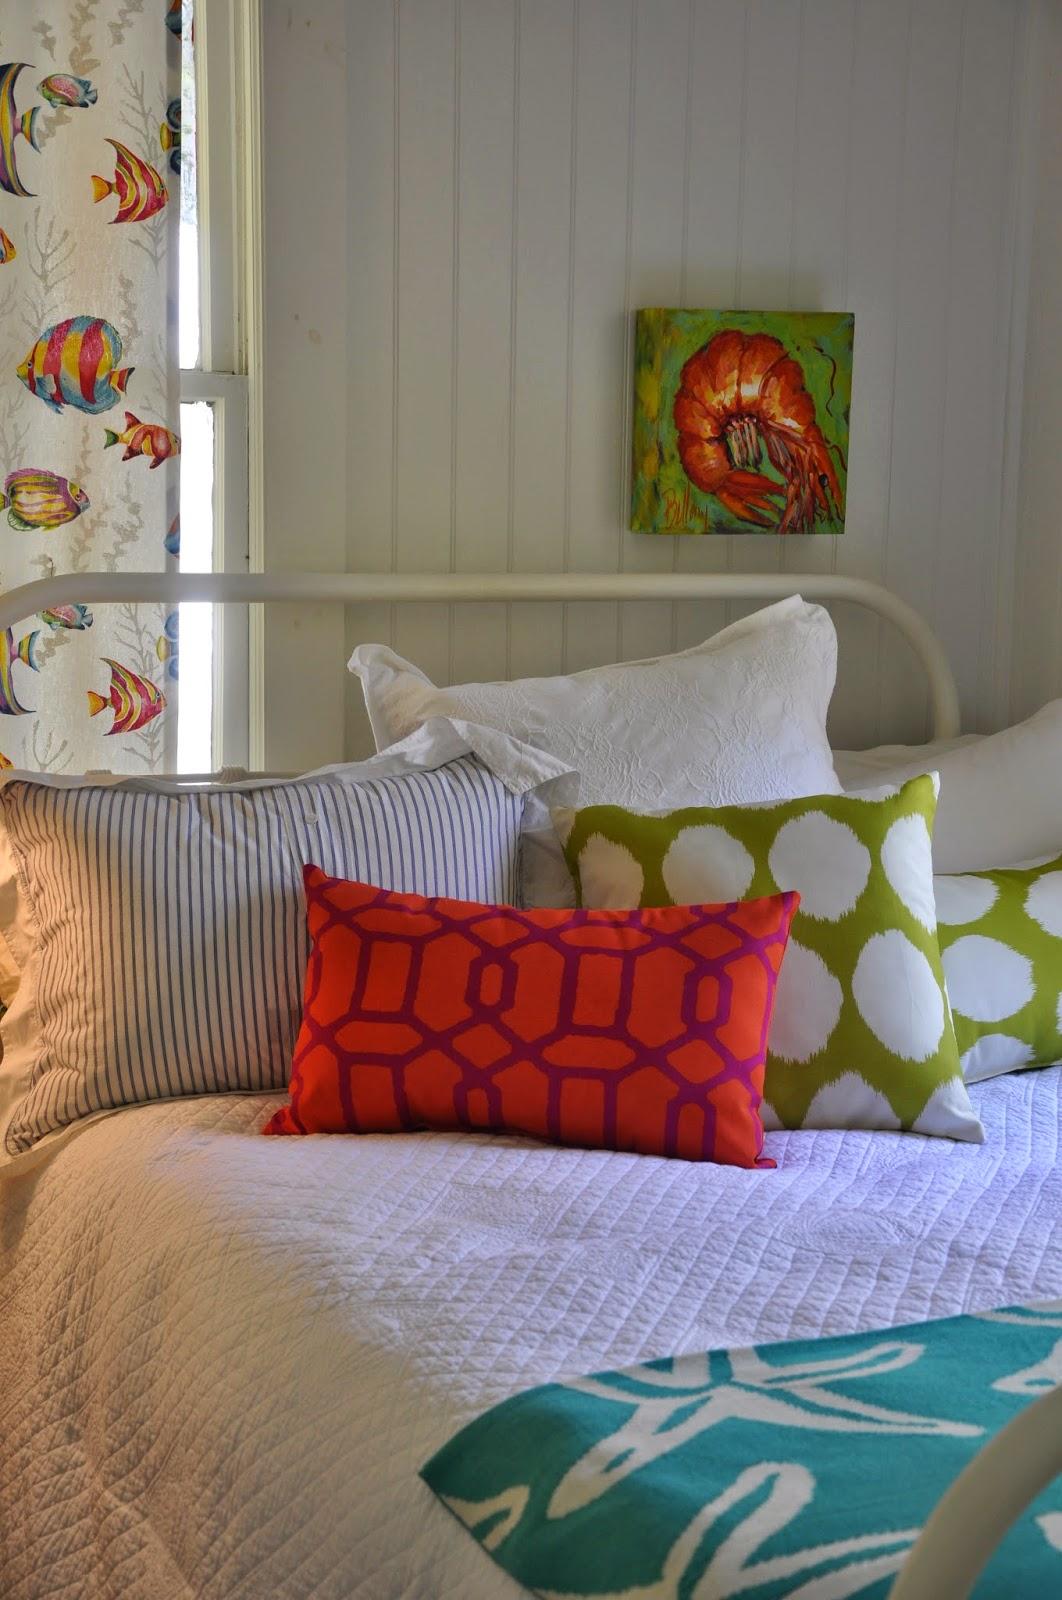 Jane Coslick Cottages My Favorite Bedroom And More: Jane Coslick Cottages : Color And The Simple Laid Back